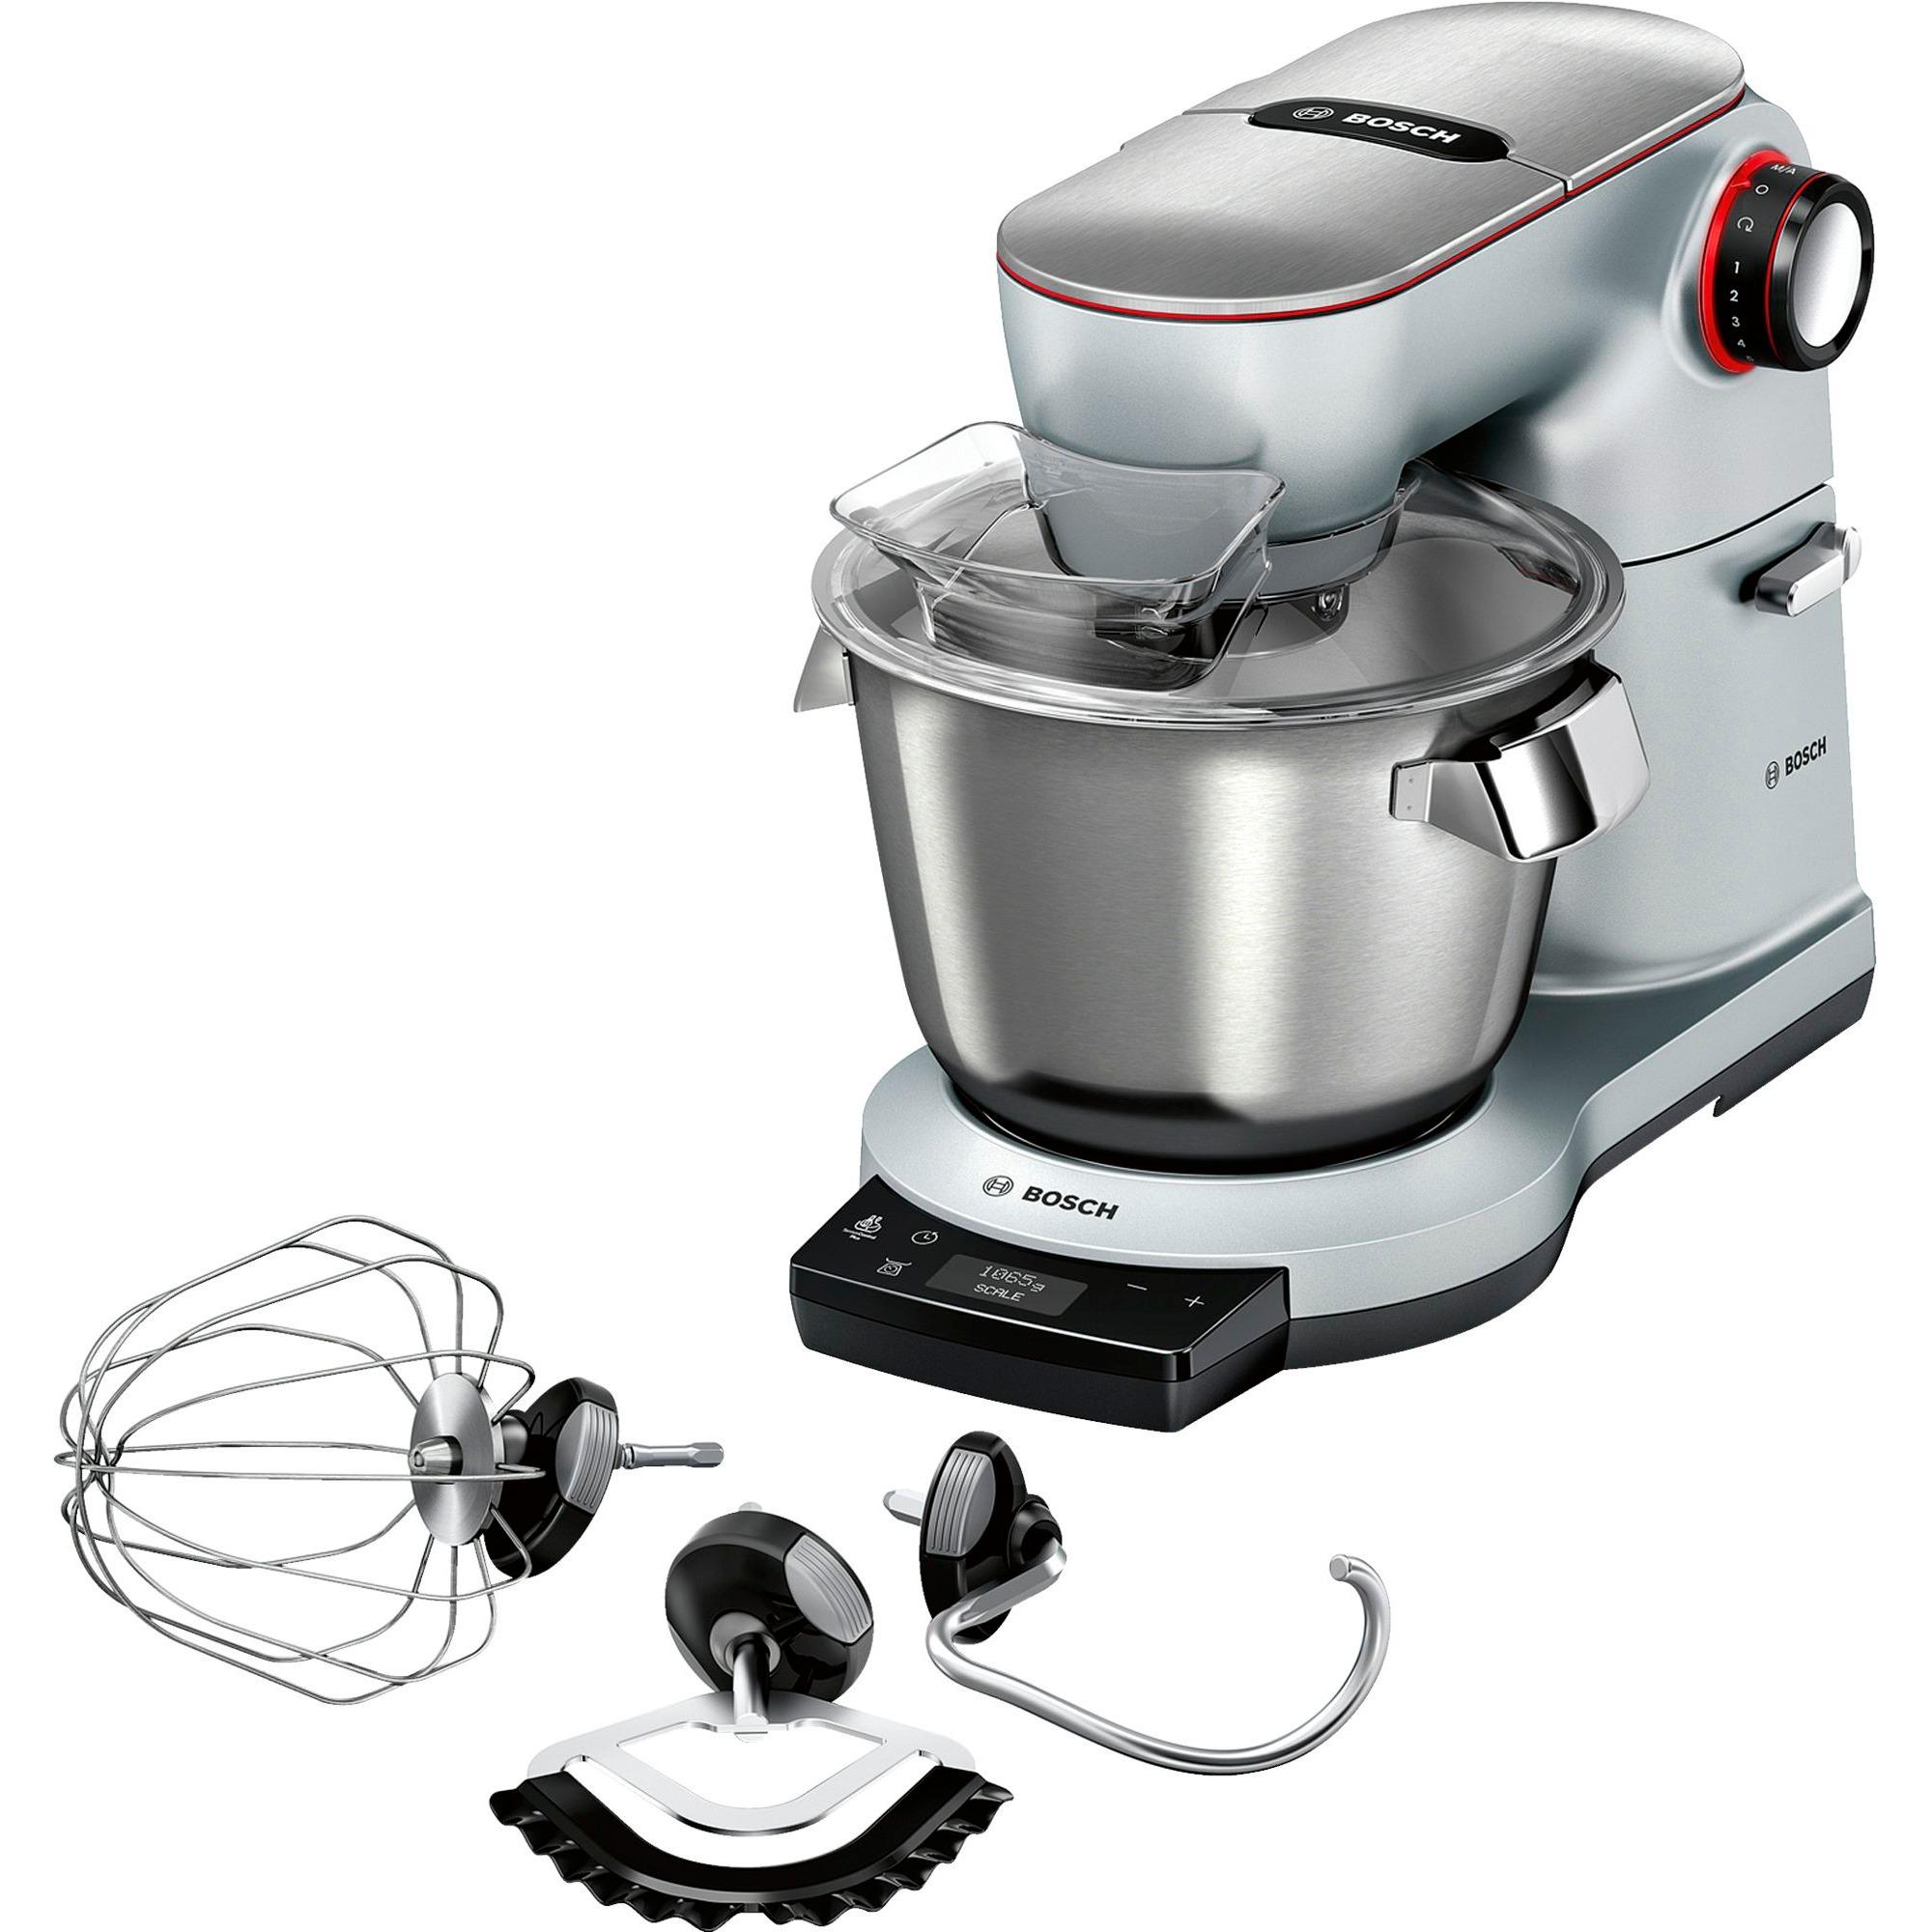 Bosch Küchenmaschine OptiMUM MUM9AX5S00 silber, mit Profi-Patisserie-Set